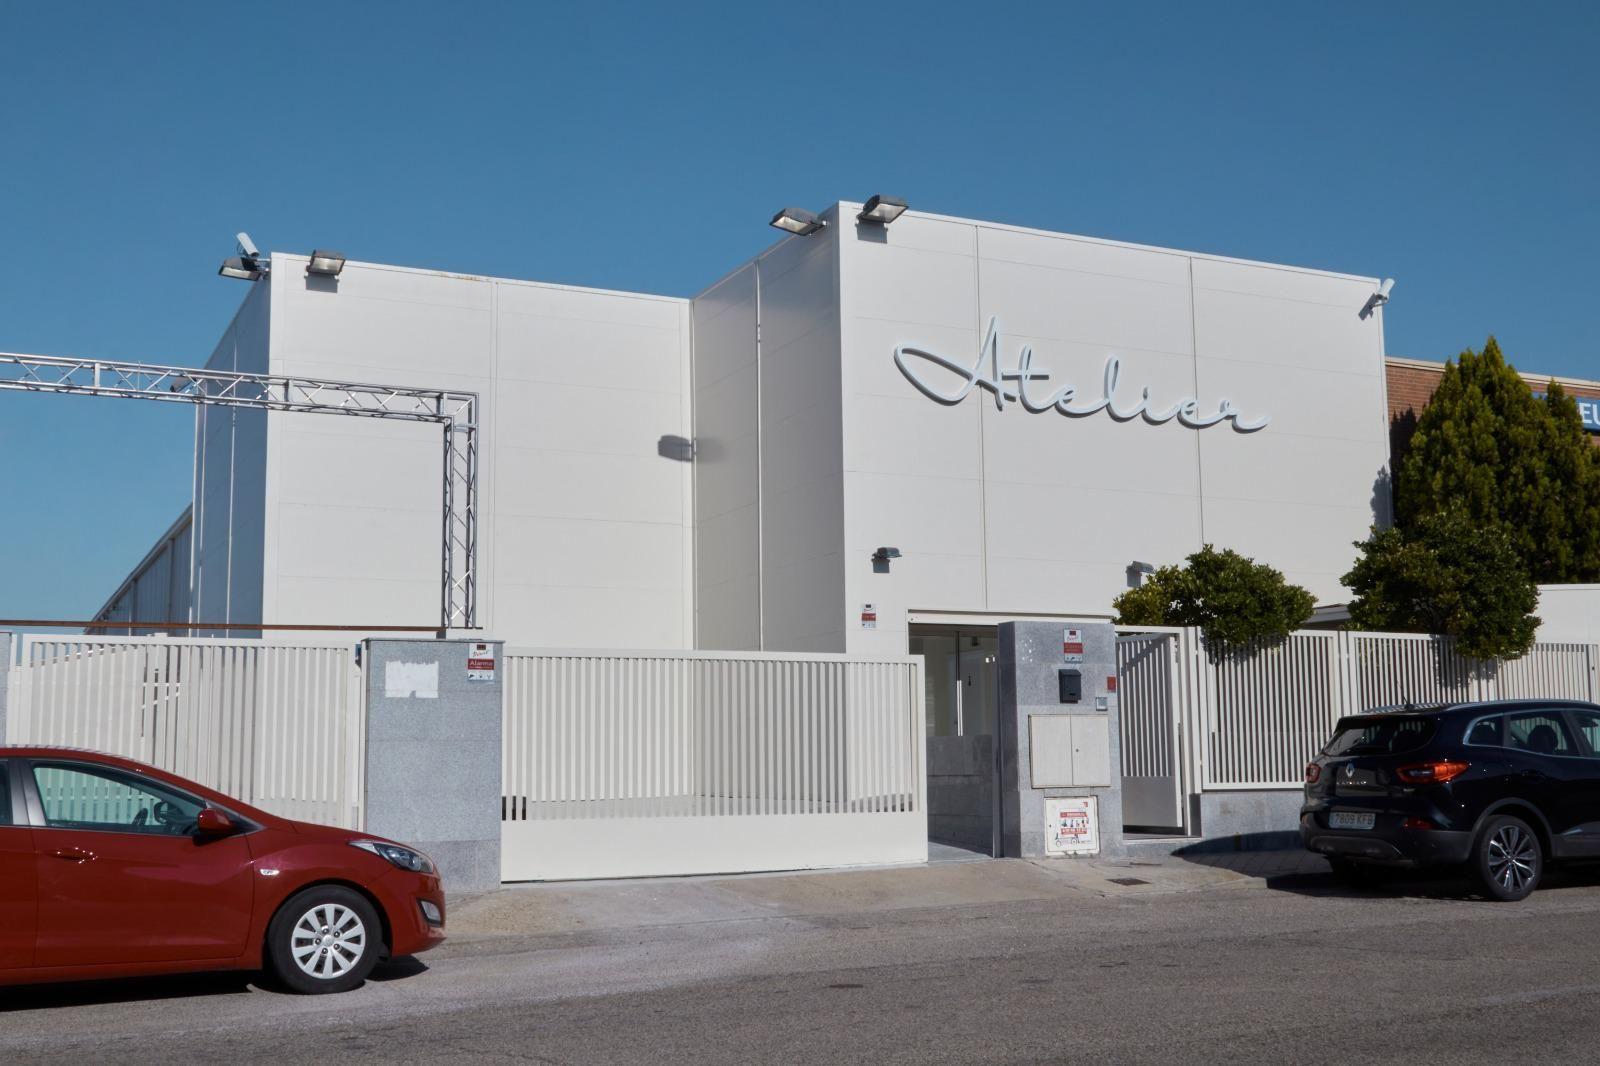 La firma Atelier de Bodas abre, en plena pandemia, el mayor outlet nupcial de Madrid